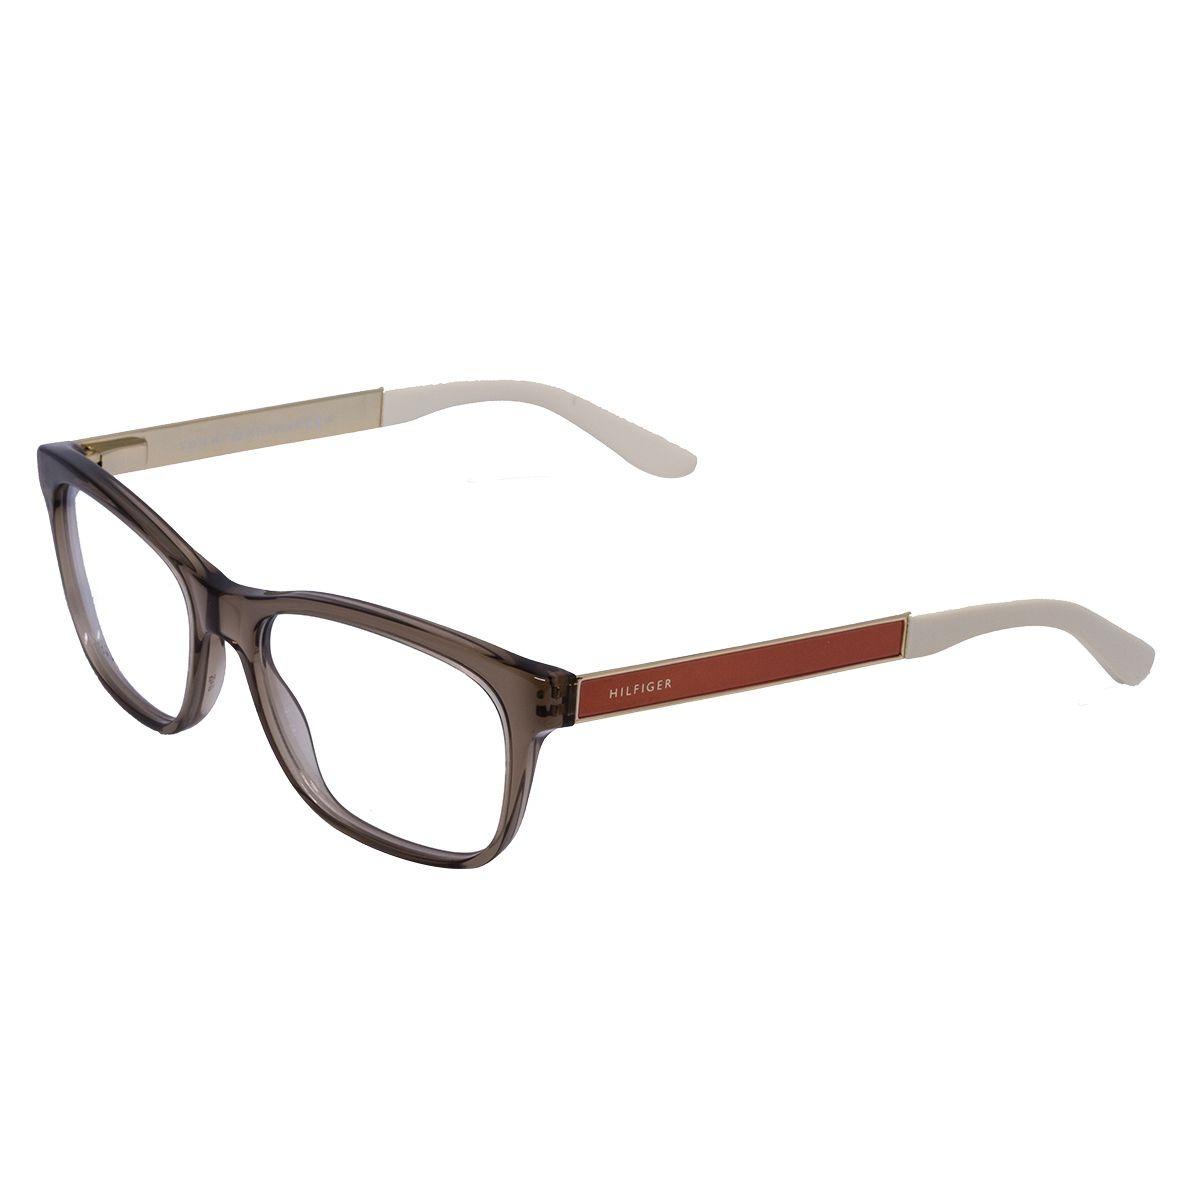 a5ef8973ddc68 óculos de grau tommy hilfiger th1321 cogz - acetato nude. Carregando zoom.